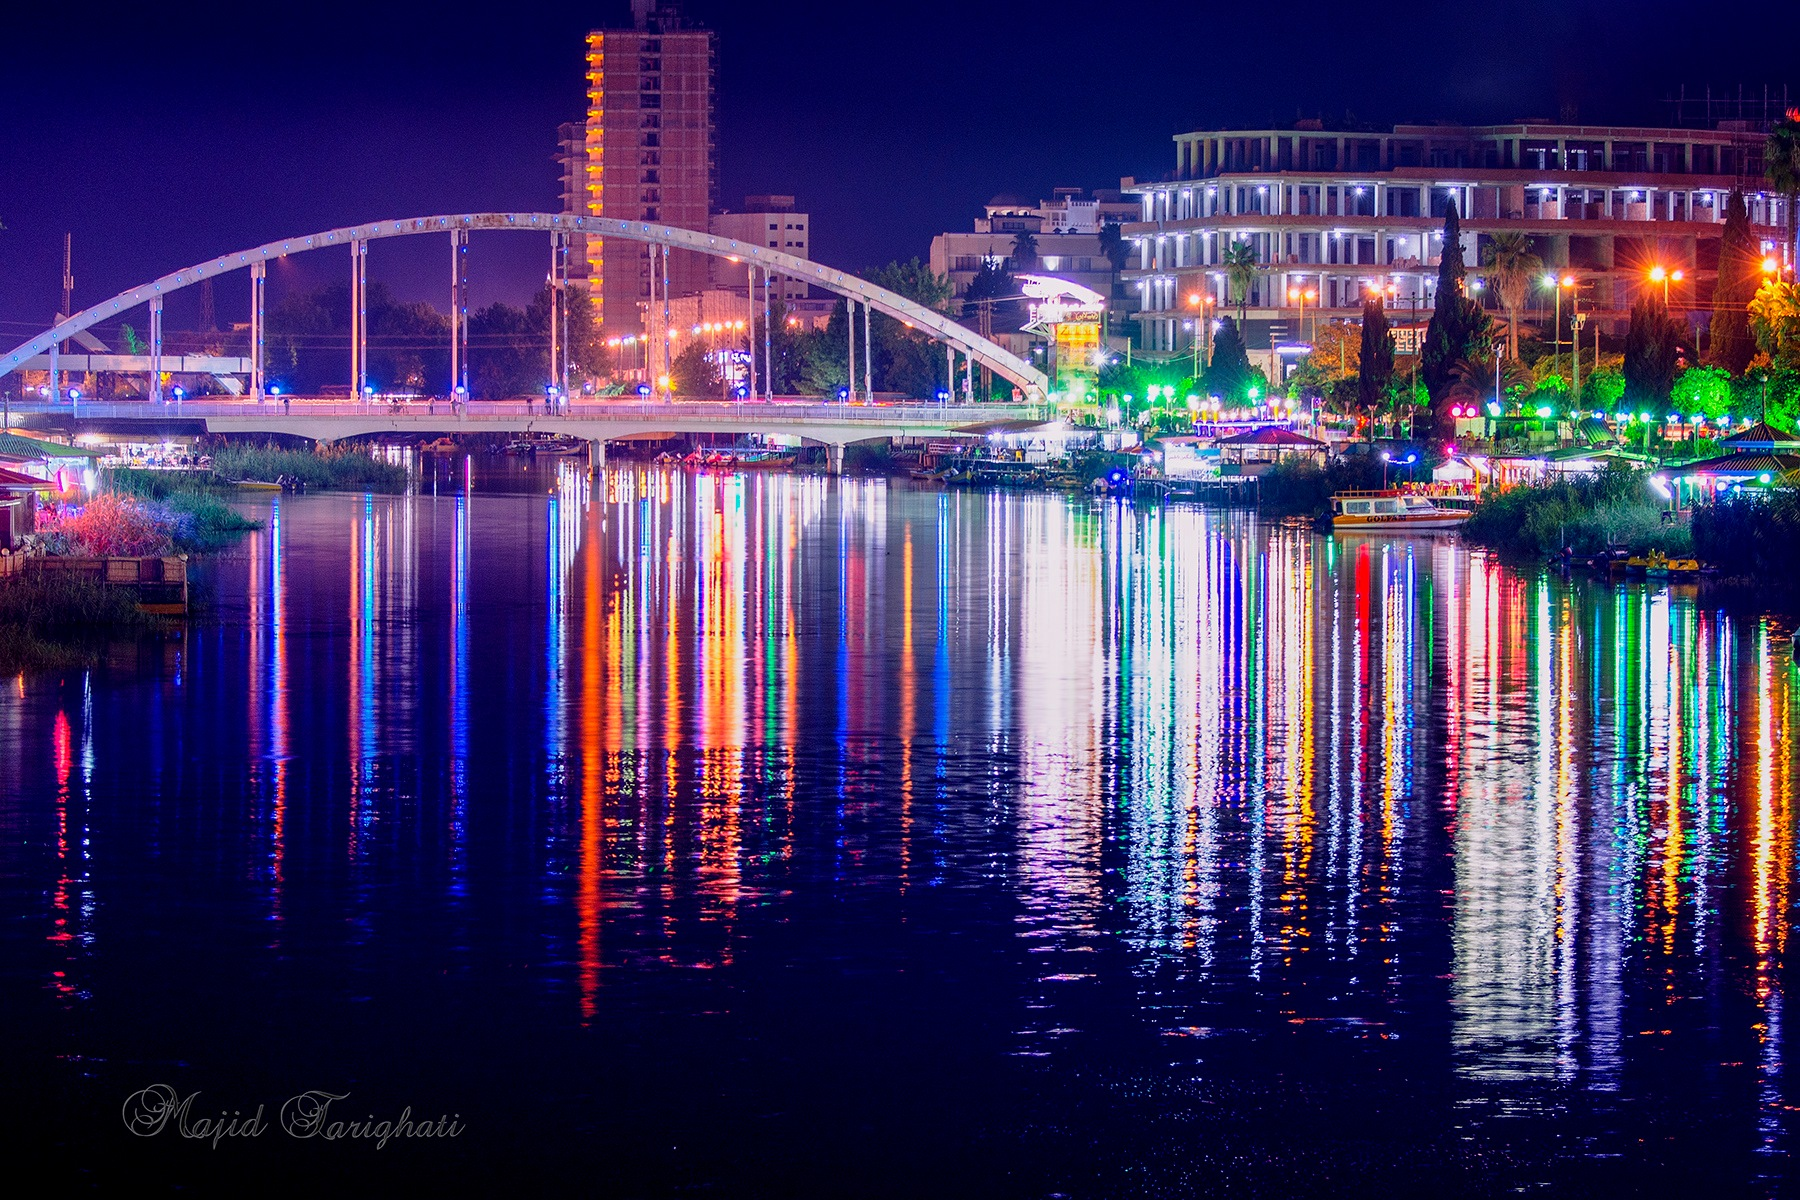 City at night. by Majid Tarighati